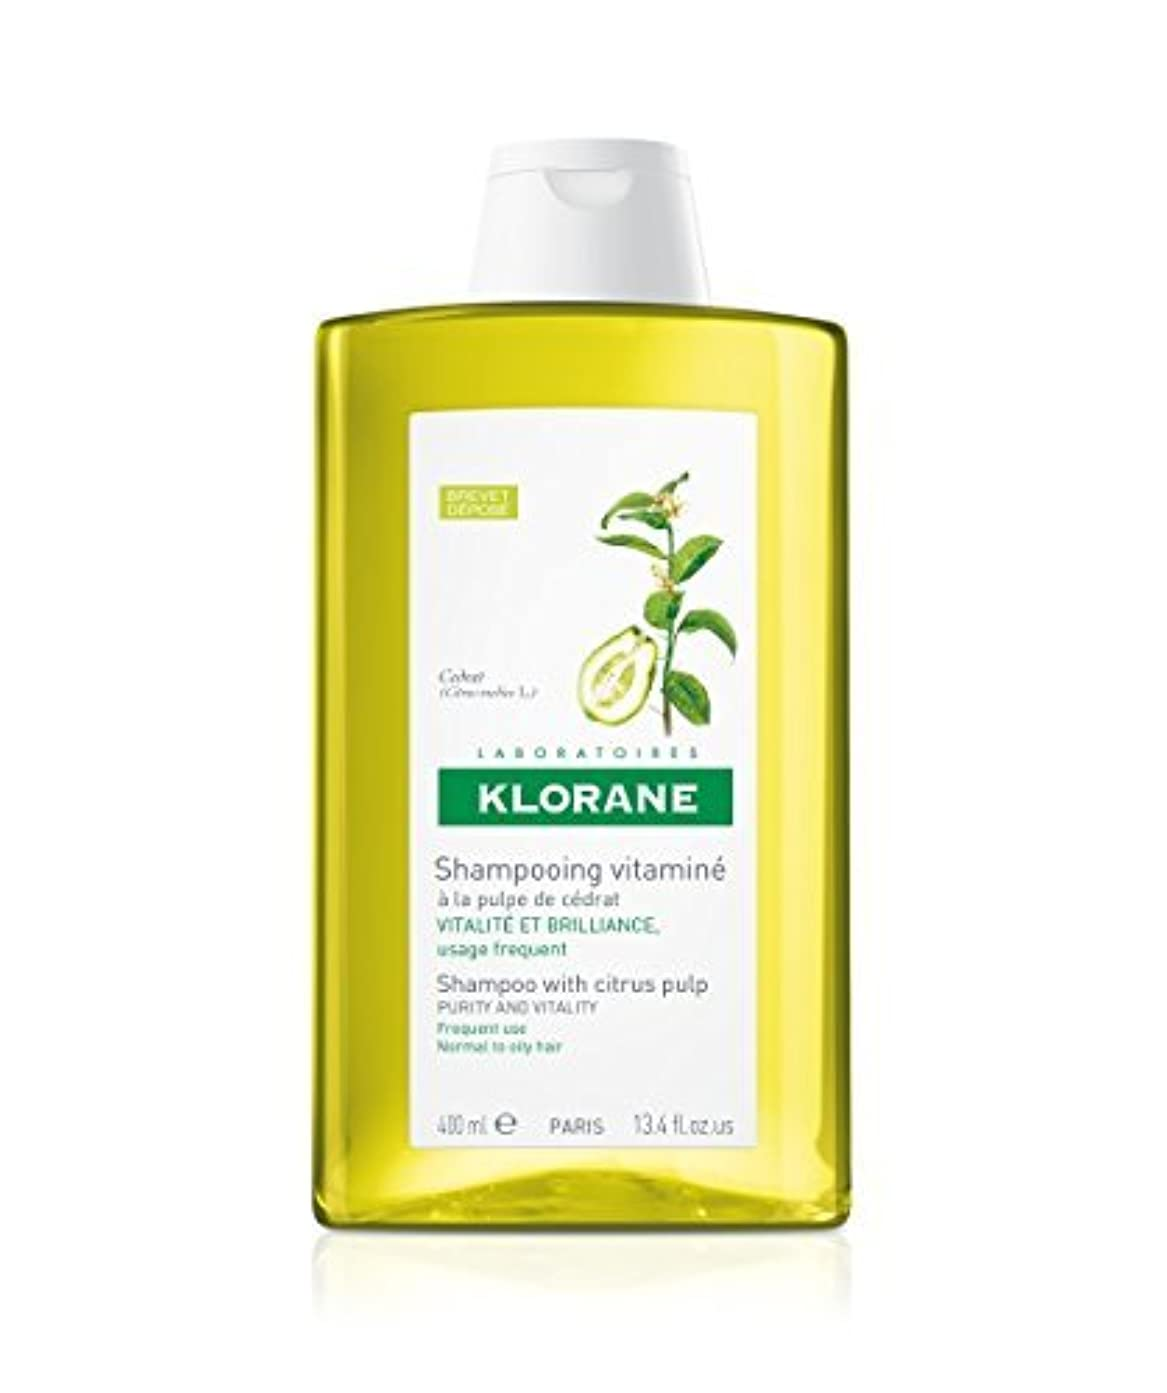 引退する閃光商人Shampoo with Citrus Pulp, 13.4 oz by Klorane [並行輸入品]